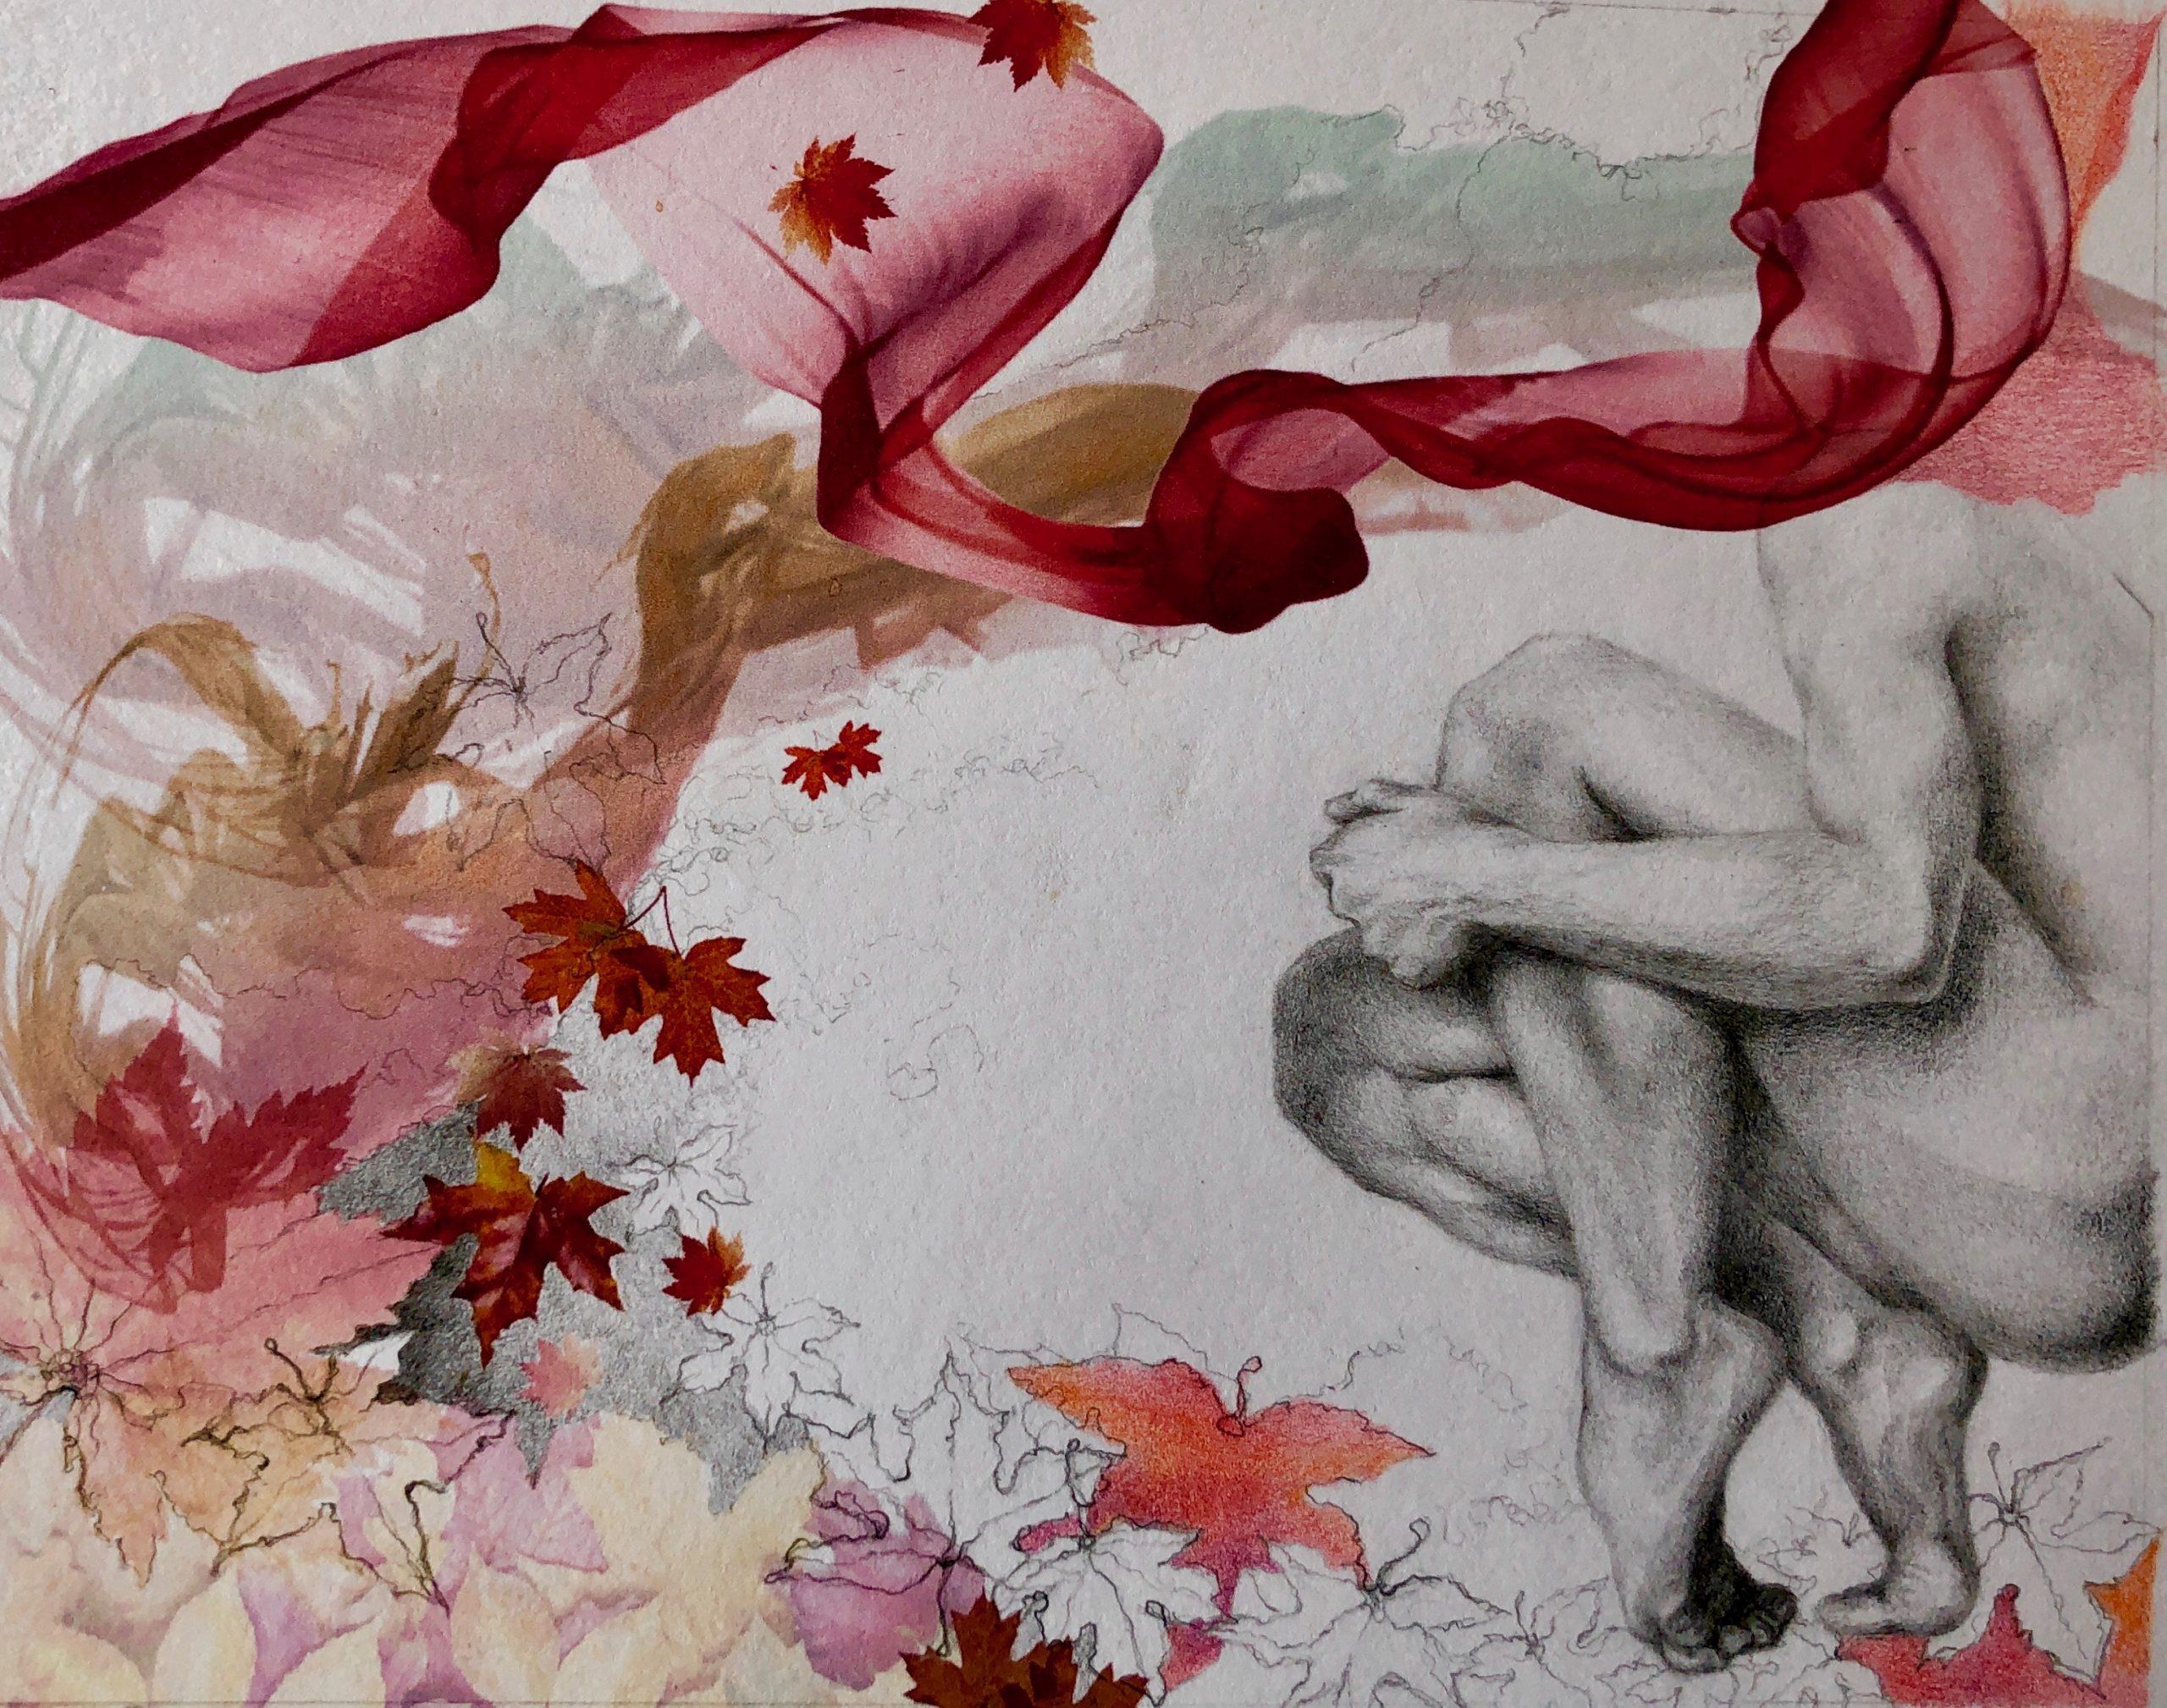 Ale Feijó   Otoño   Técnica mixta: dibujo sobre papel y collage digital impreso sobre el papel dibujado. 21.5 x 17 cm